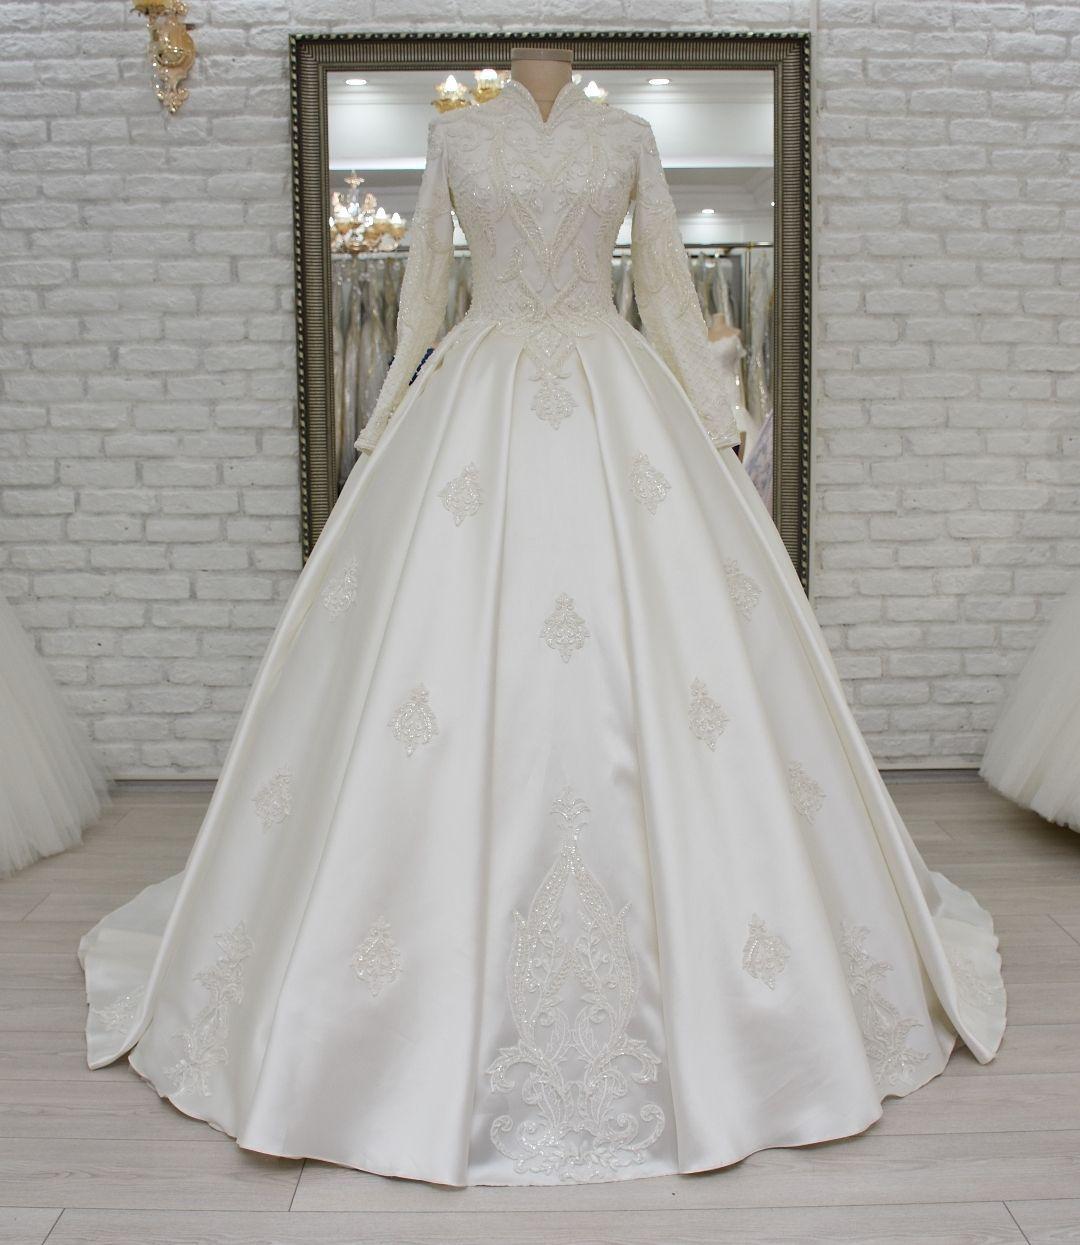 Görüntünün olası içeriği: bir veya daha fazla kişi düğün ve açık h